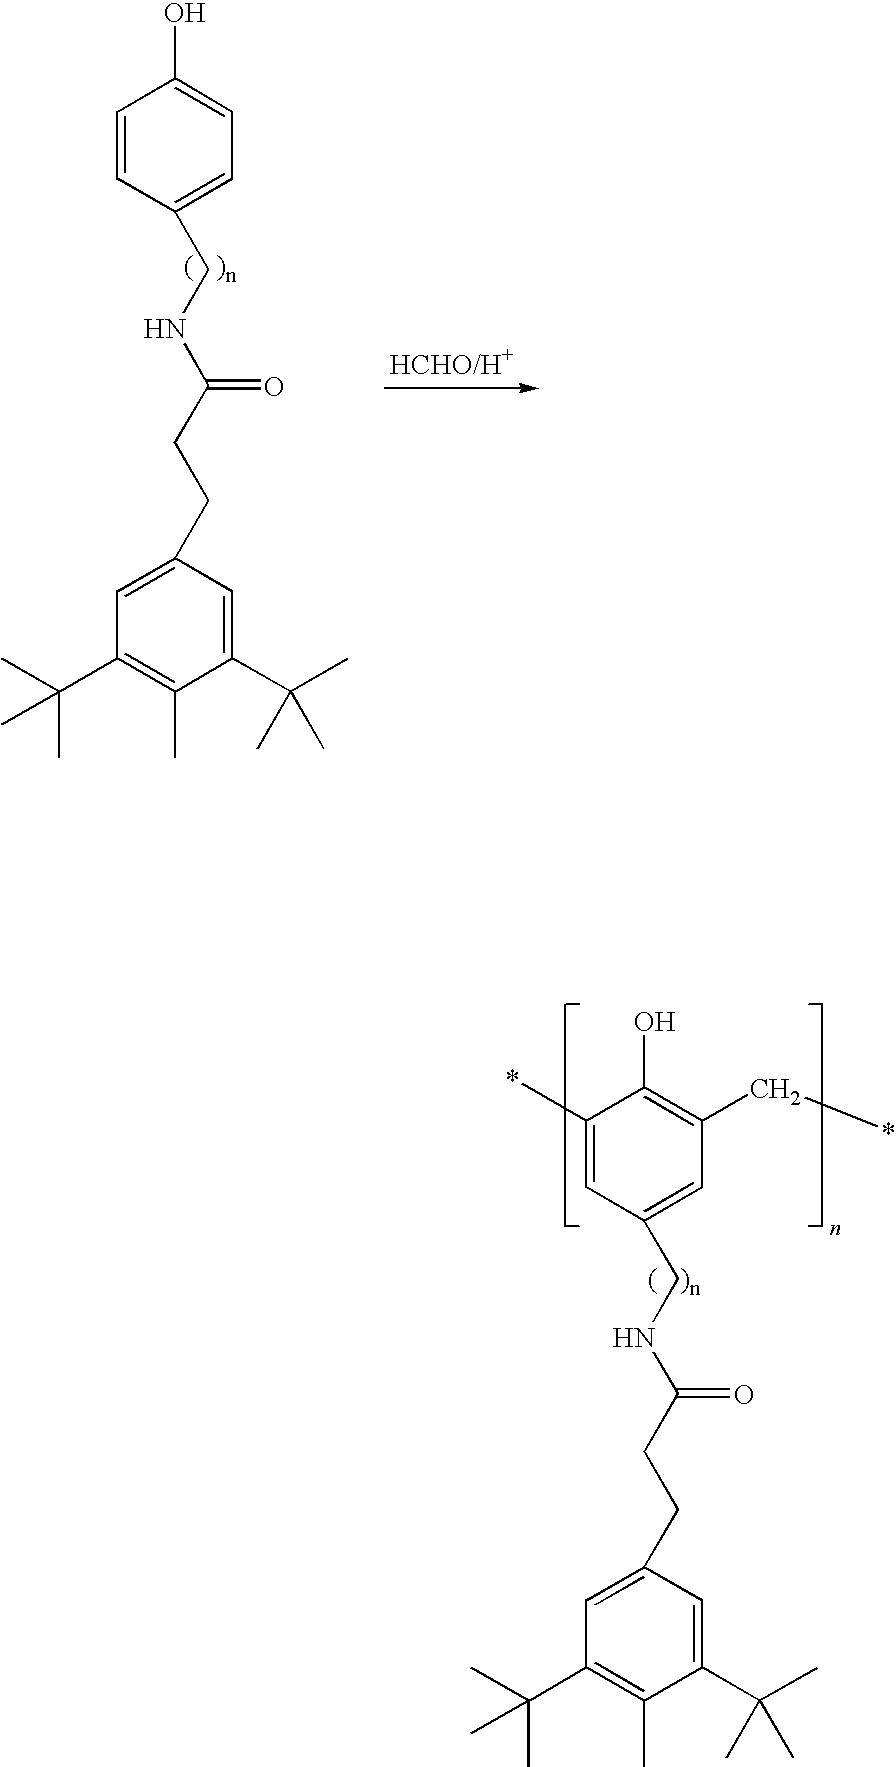 Figure US20090184294A1-20090723-C00073